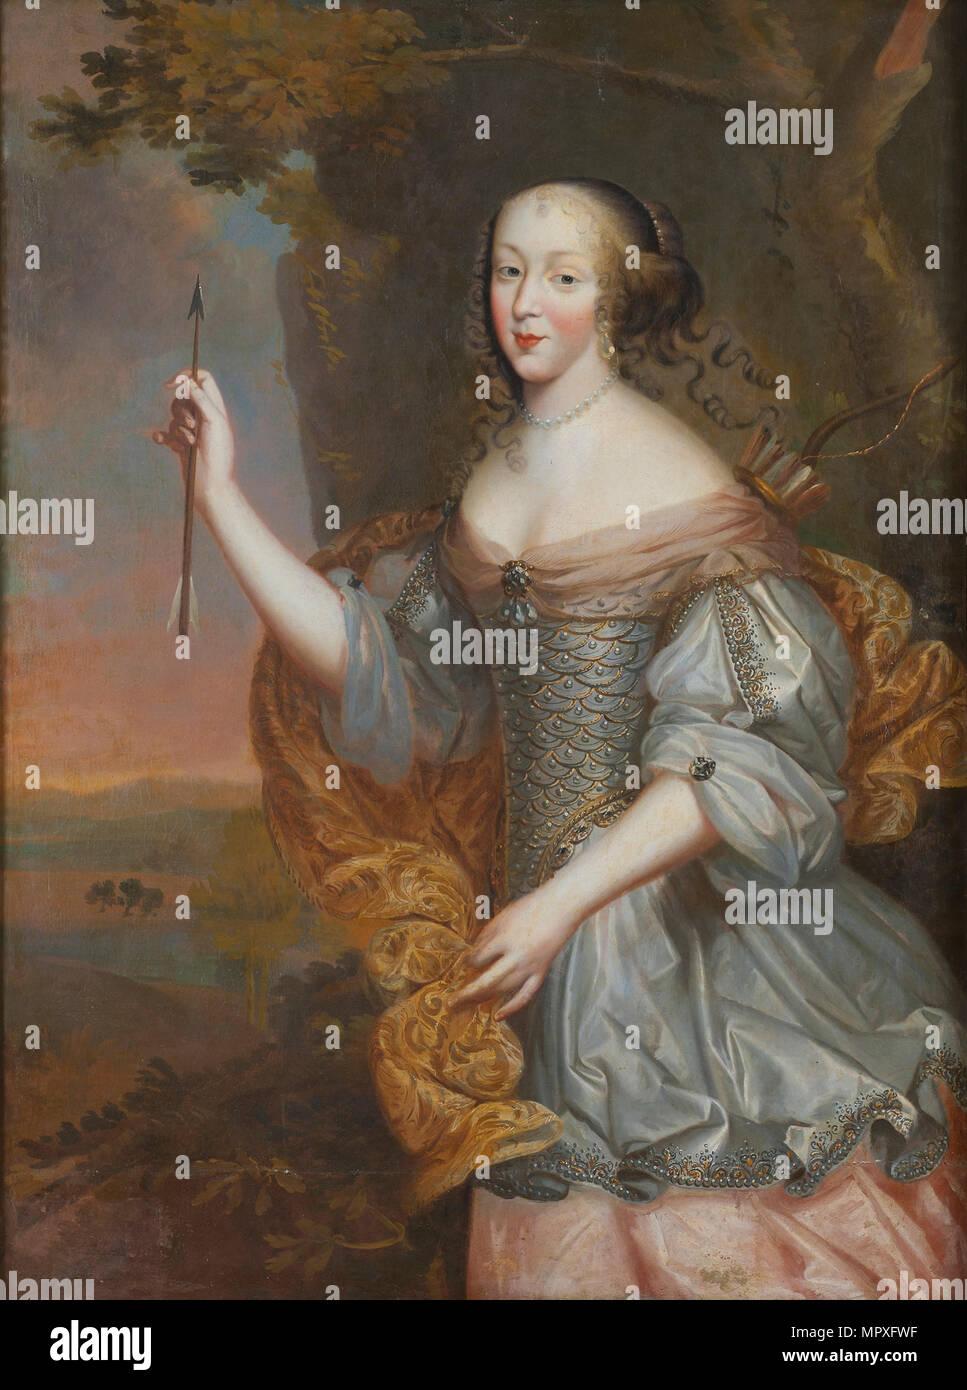 Élisabeth Marguerite d'Orléans